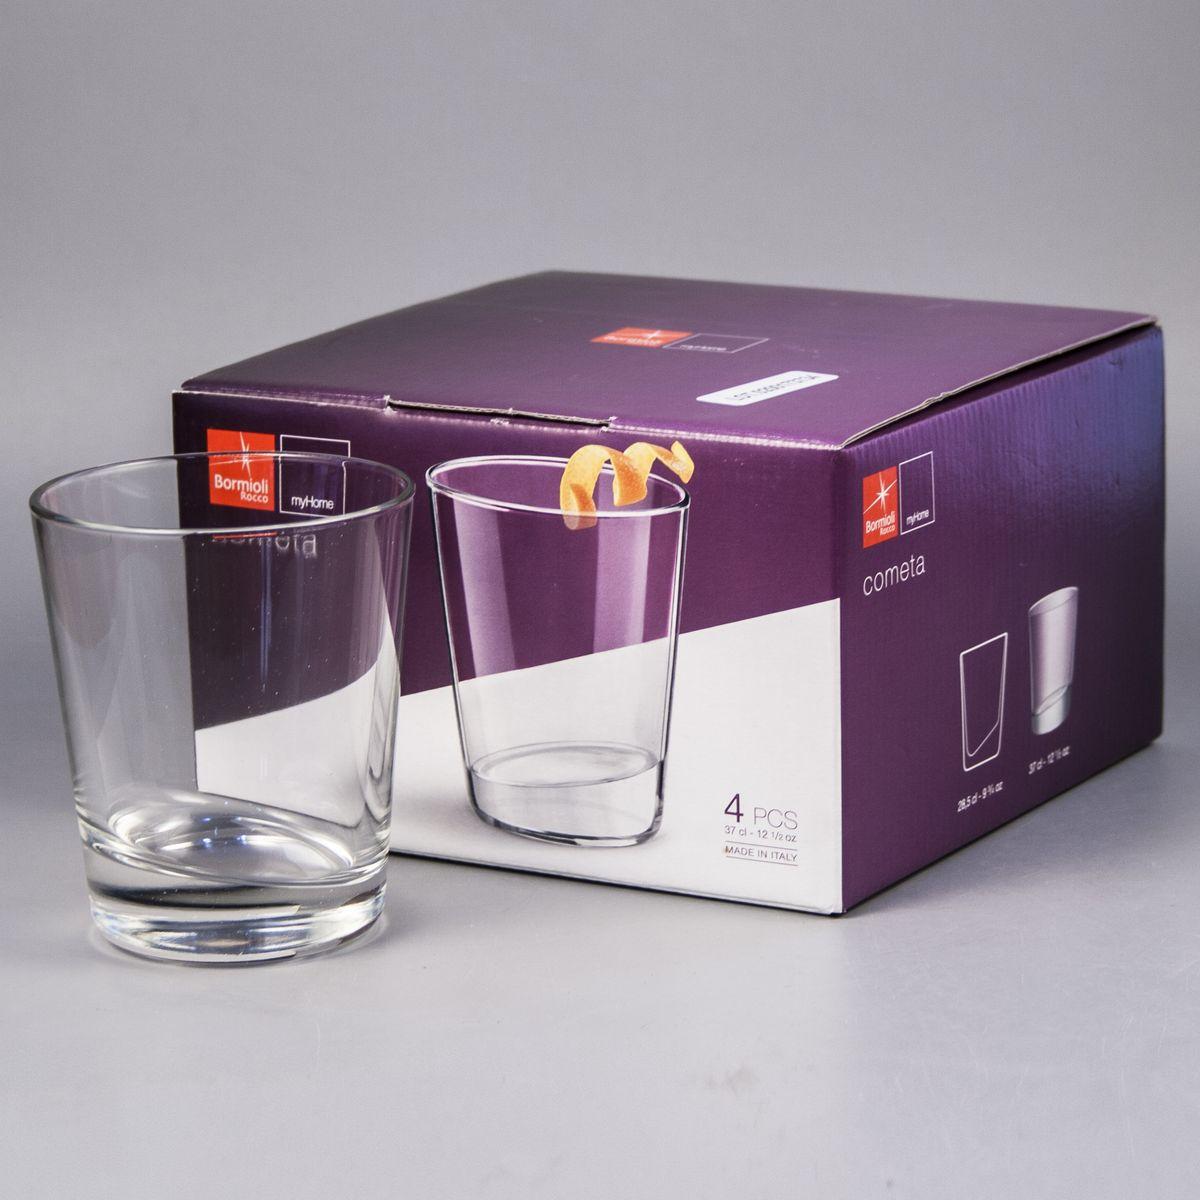 Ит 235120G10021990 Набор стаканов 4шт. Cometa, стакан 370мл, п/у235120G10021990Ит 235120G10021990 Набор стаканов 4шт. Cometa, стакан 370мл, п/у Материал: стекло; цвет: прозрачный